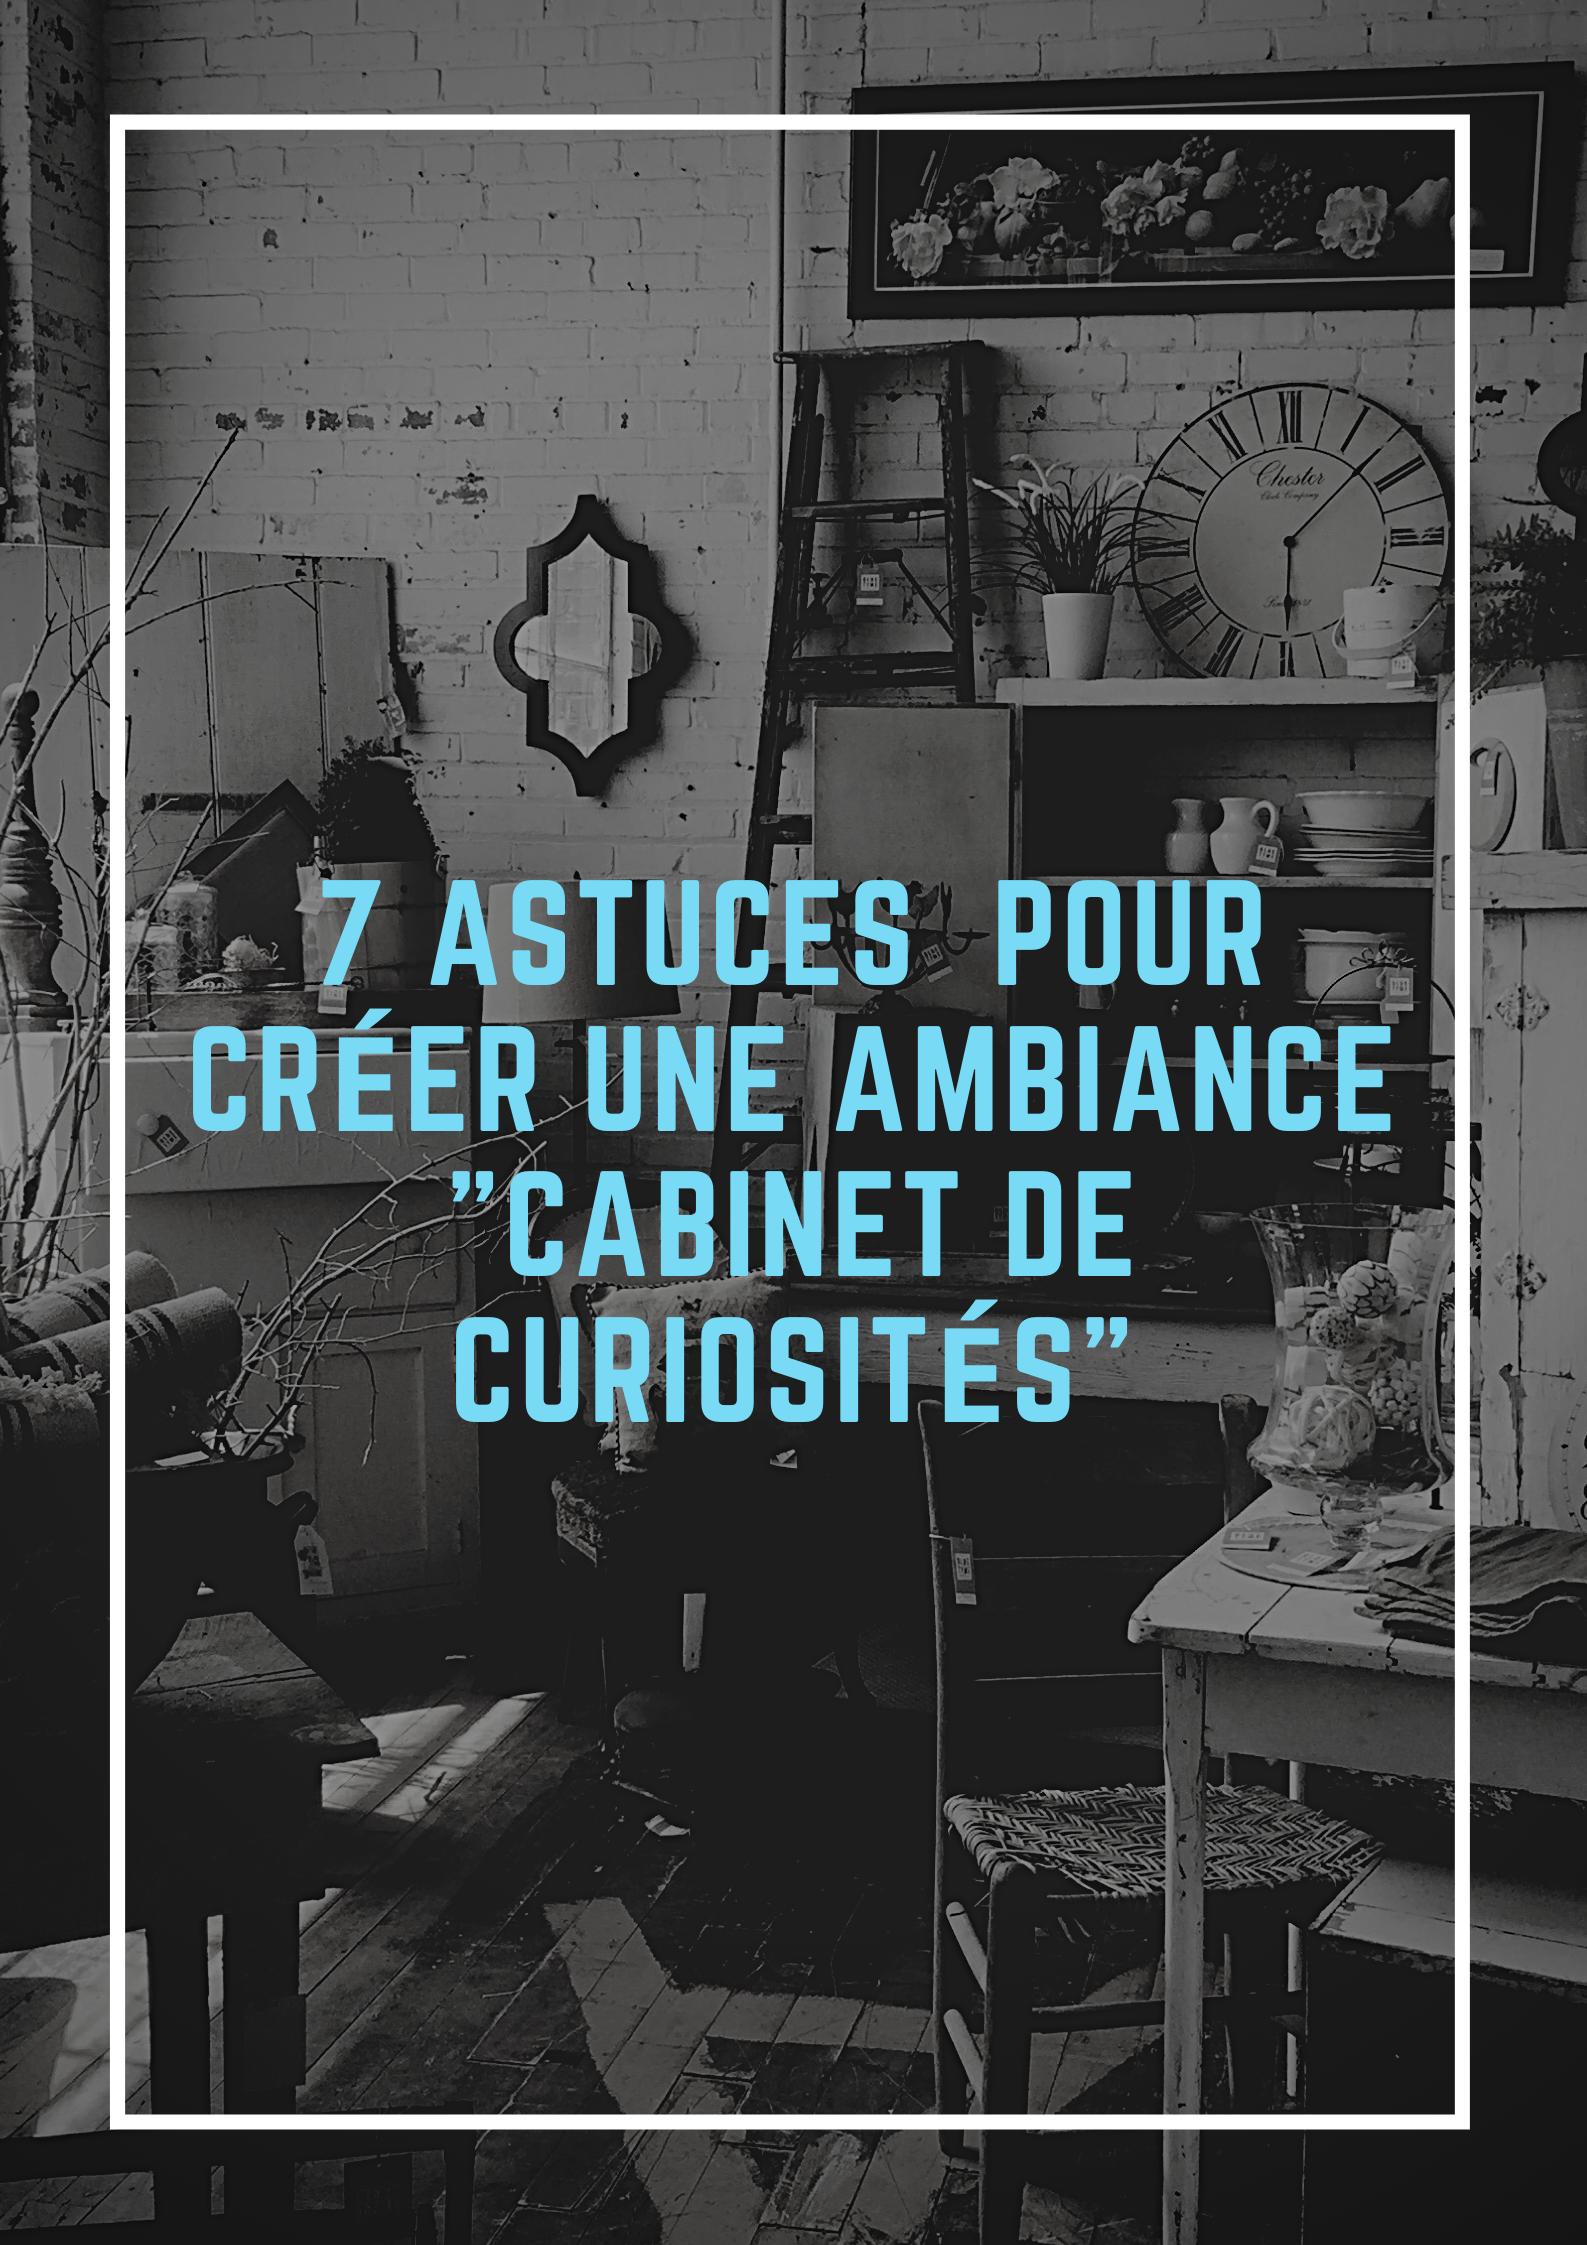 7-astuces-pour-creer-une-ambiance-cabinet-de-curiosites